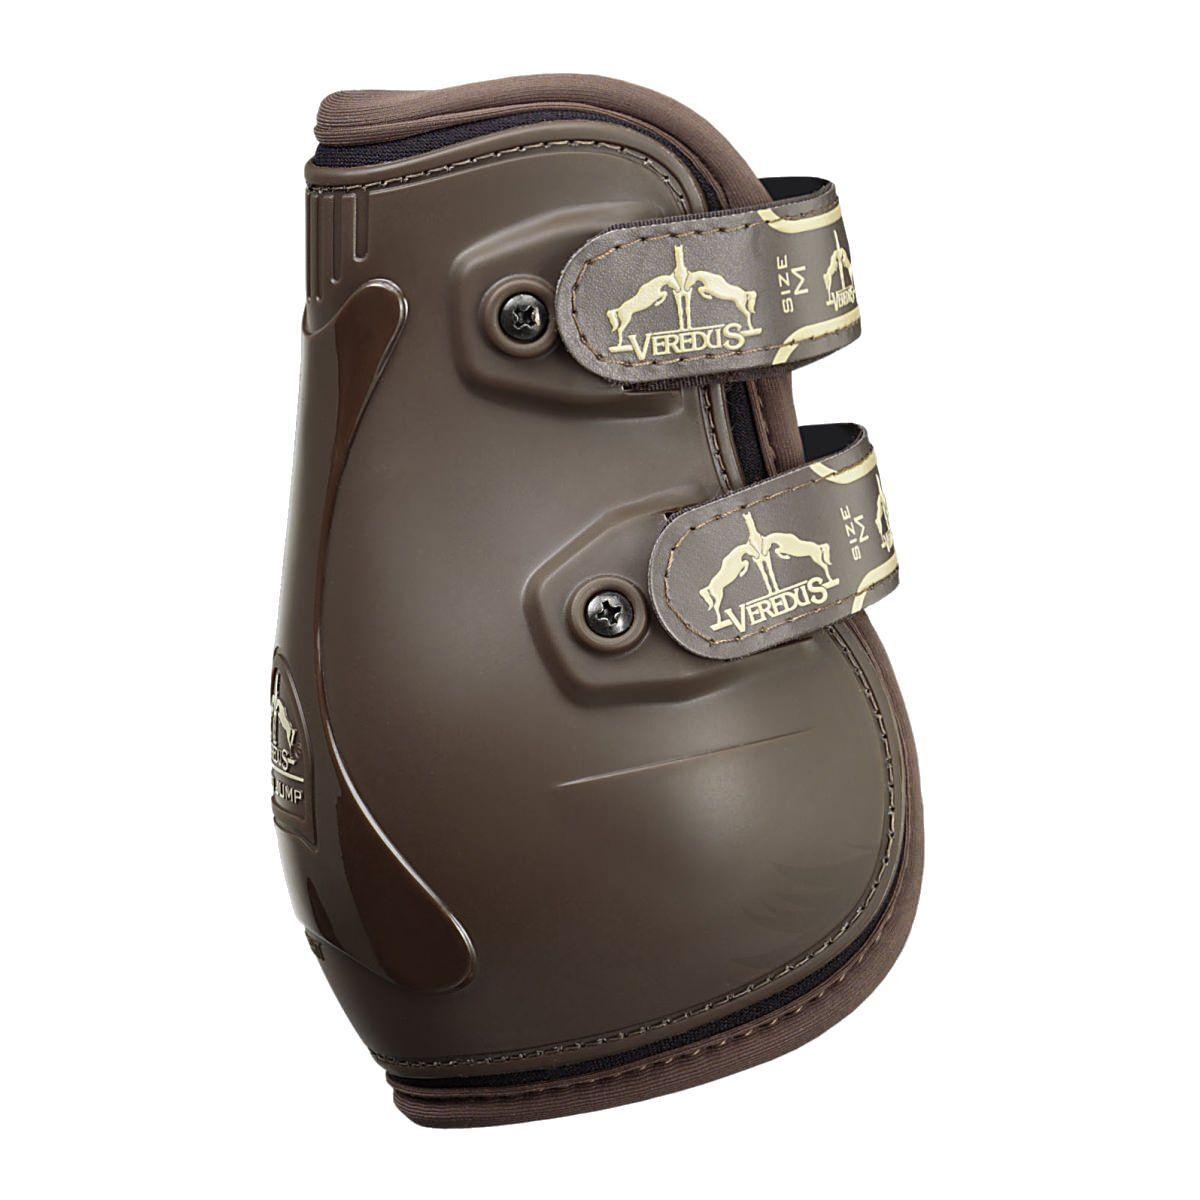 Ve rojo us Pro Jump acto. tobillos tobillos tobillos protección máxima reclamaciones poliuretano negro + marrón ab041d